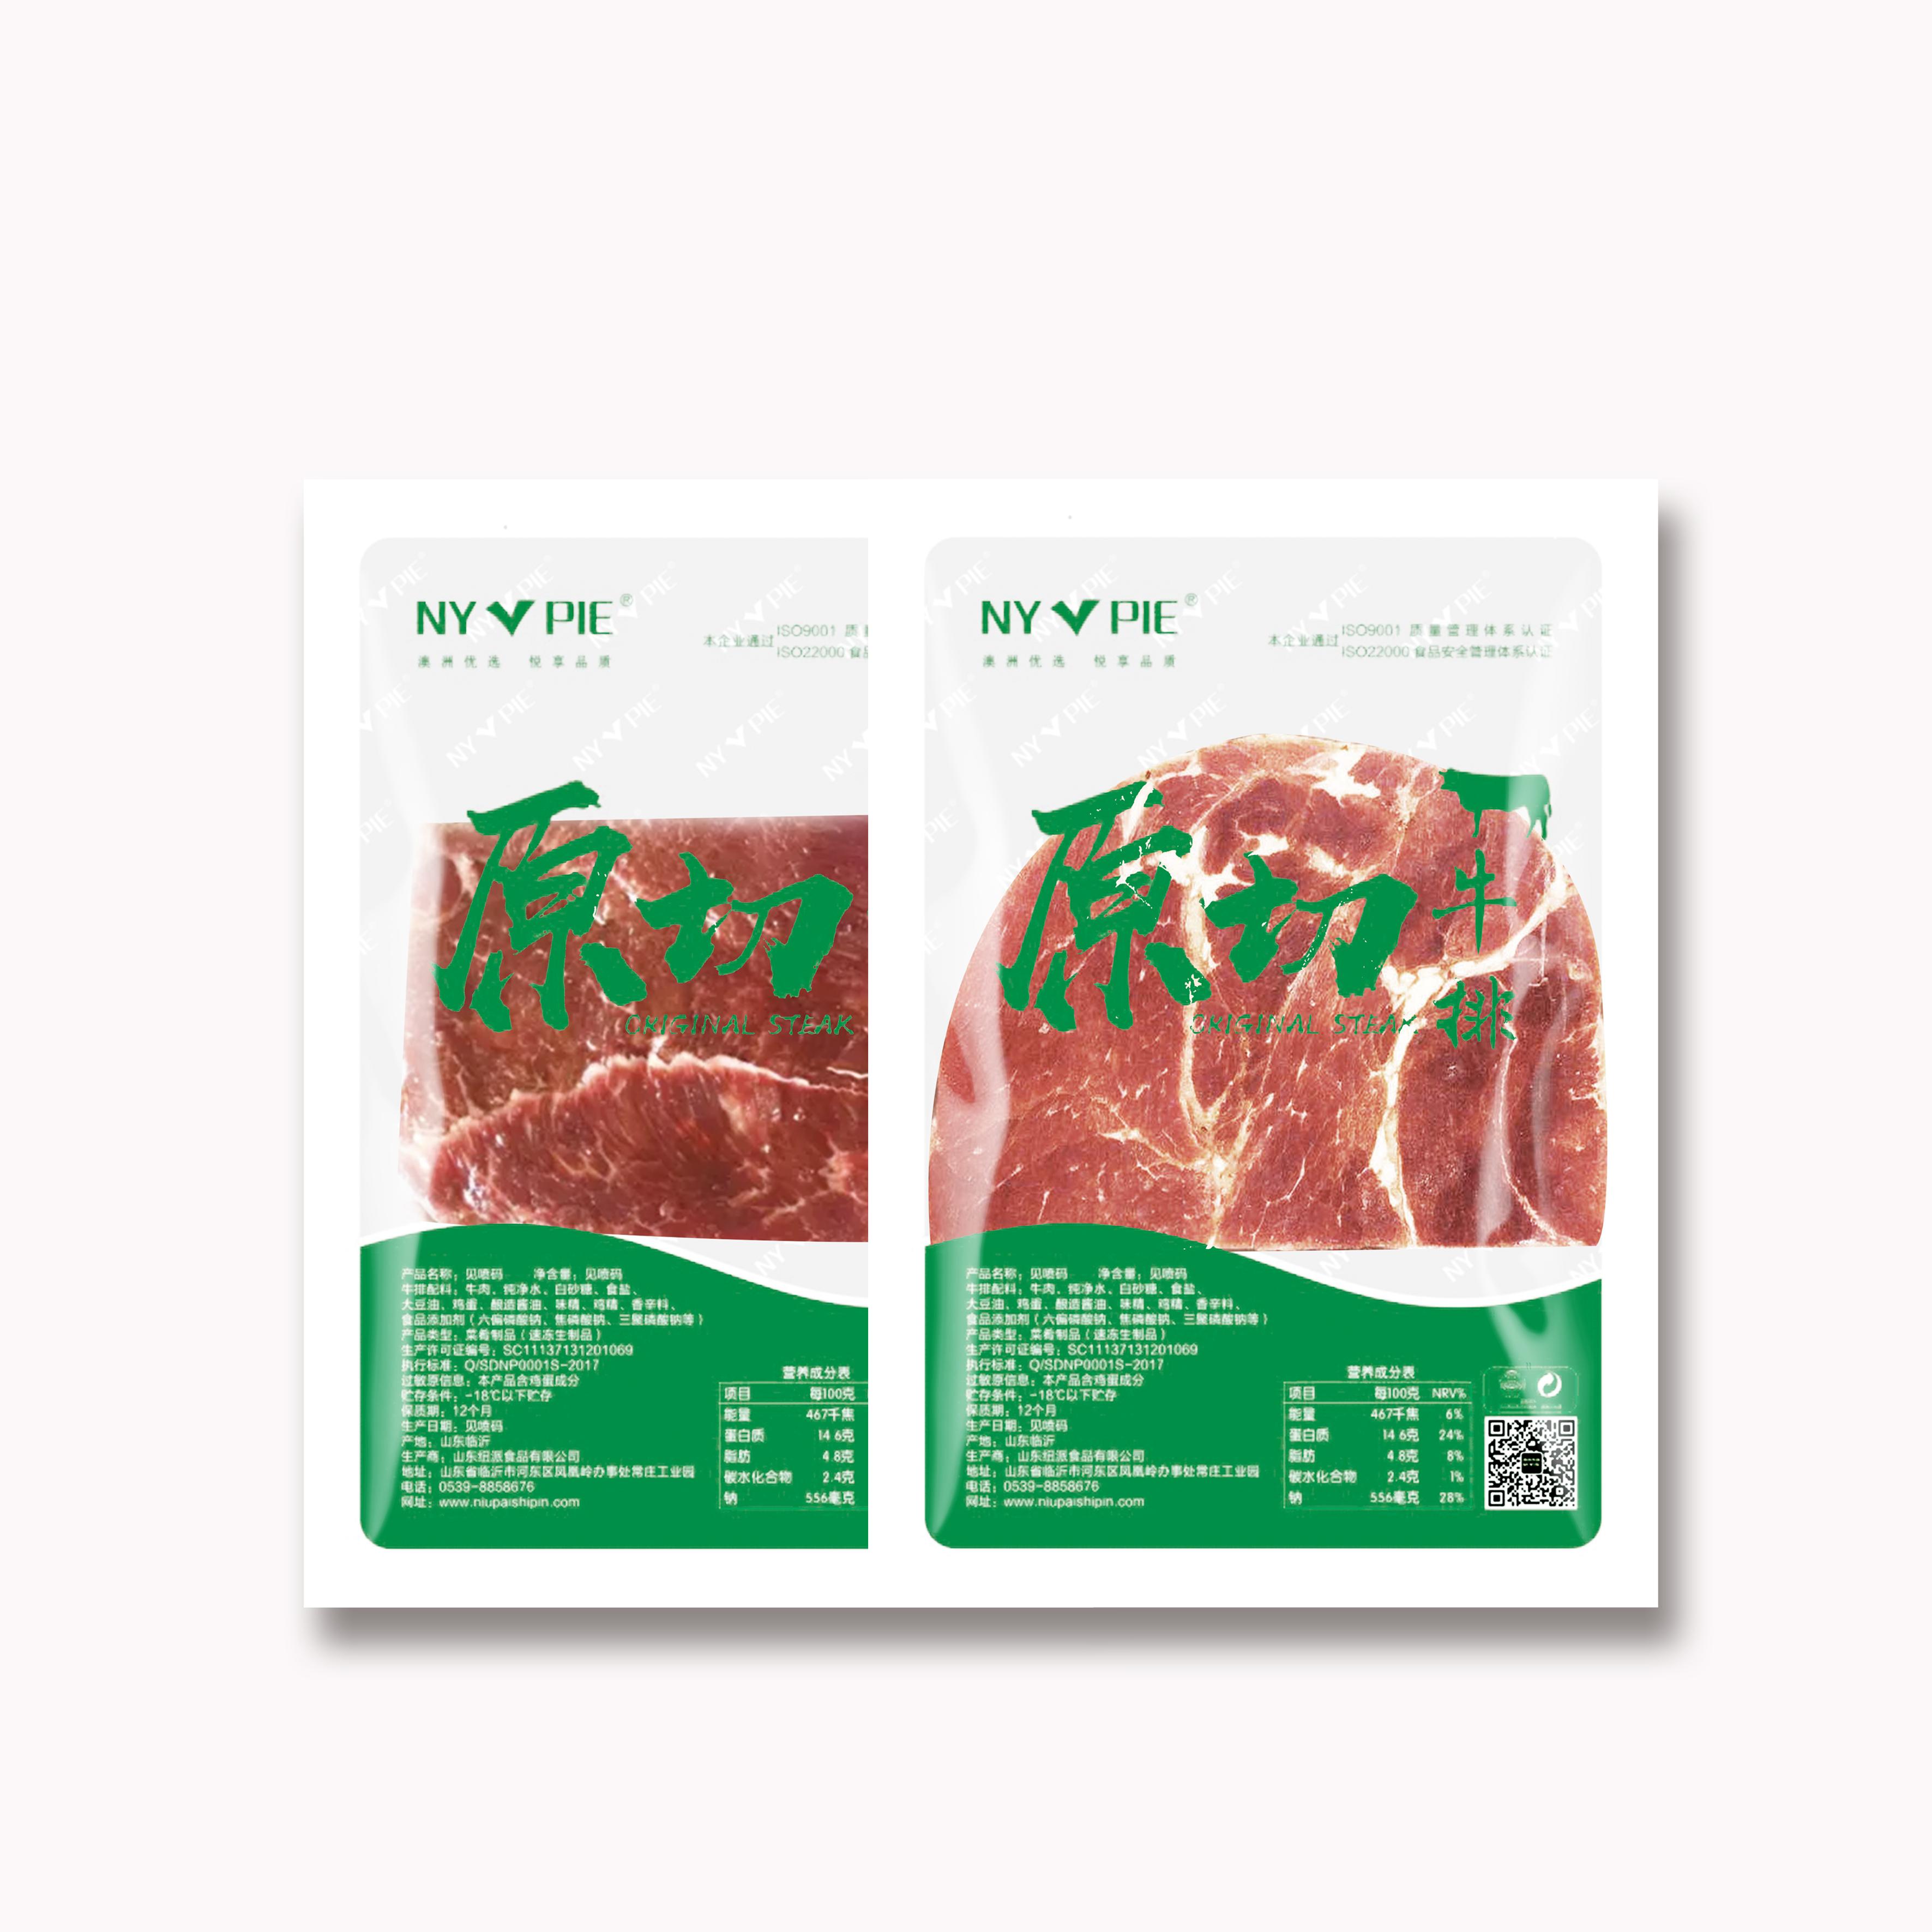 NYVPIE原切牛排系列  澳式·堪培拉(原切)150g